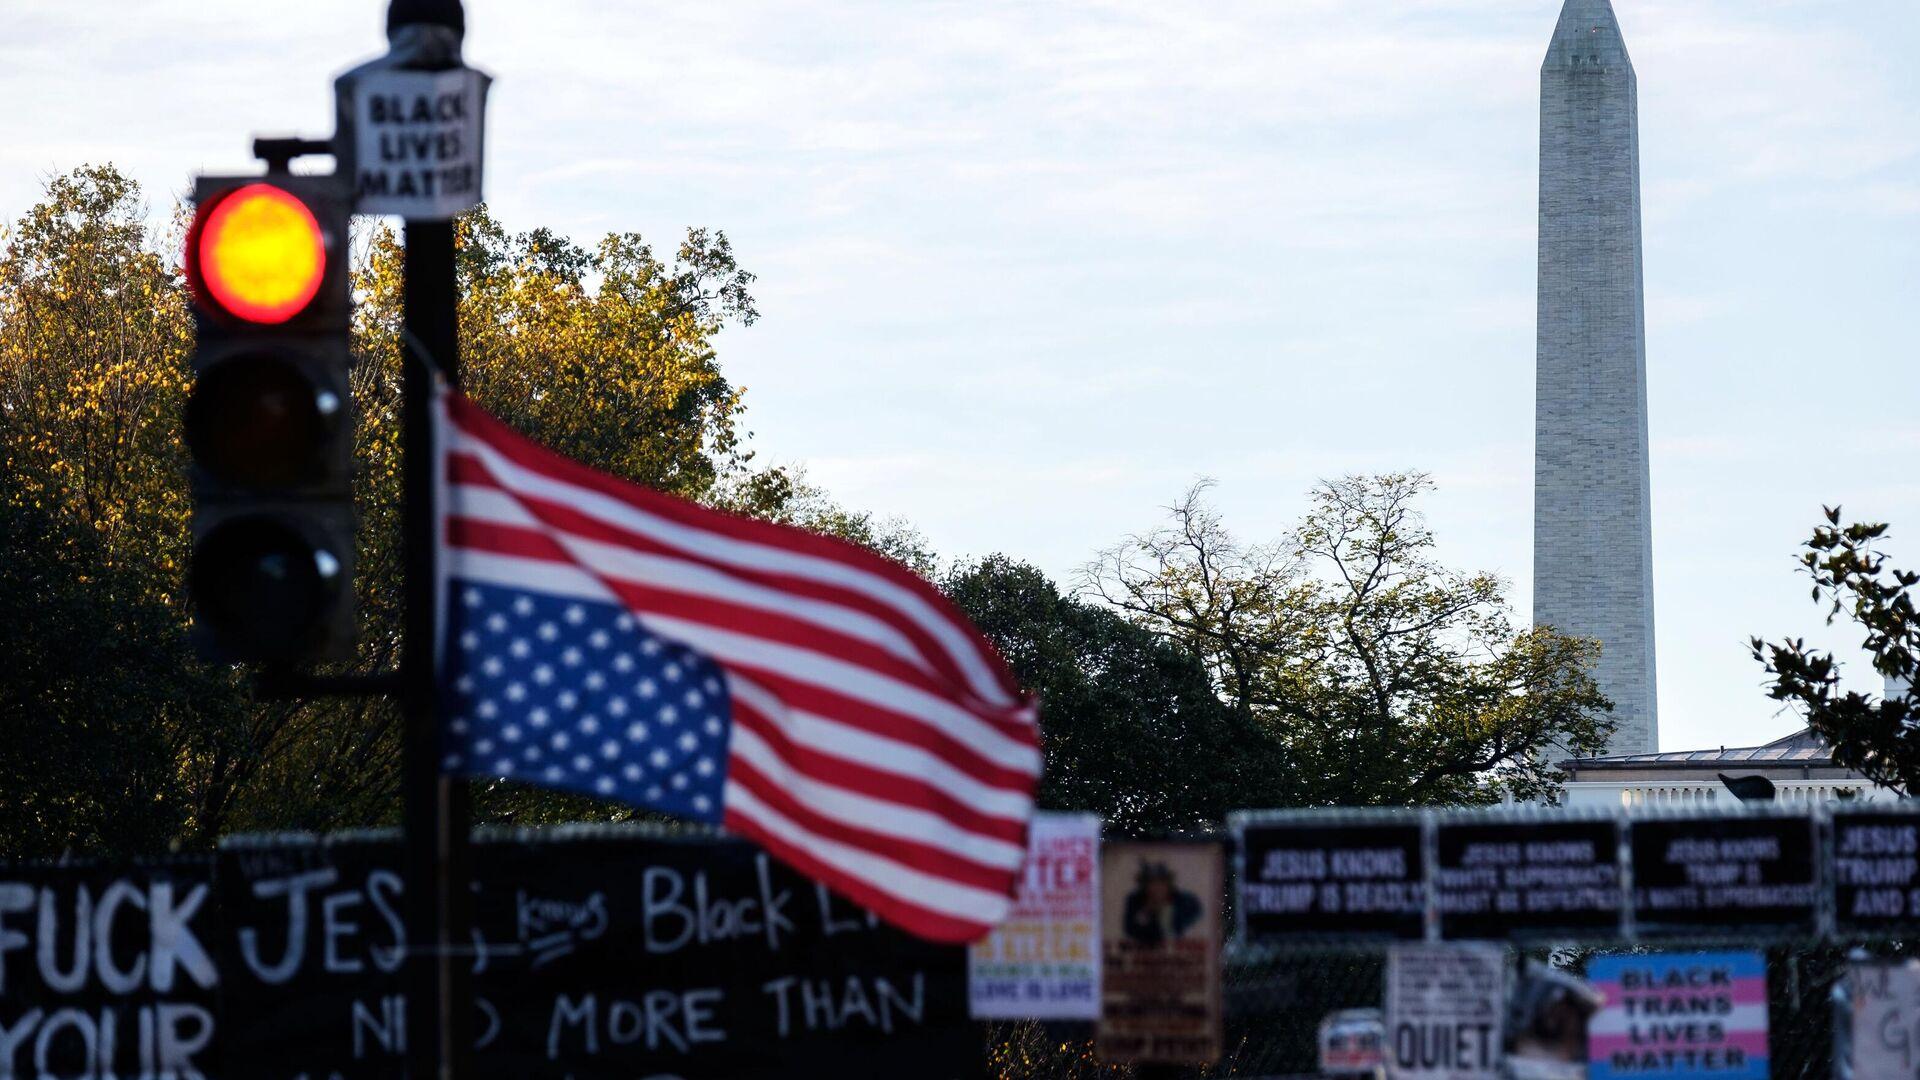 Флаг Соединенных Штатов Америки на светофоре на одной из улиц в Вашингтоне в преддверии выборов президента США - РИА Новости, 1920, 12.11.2020